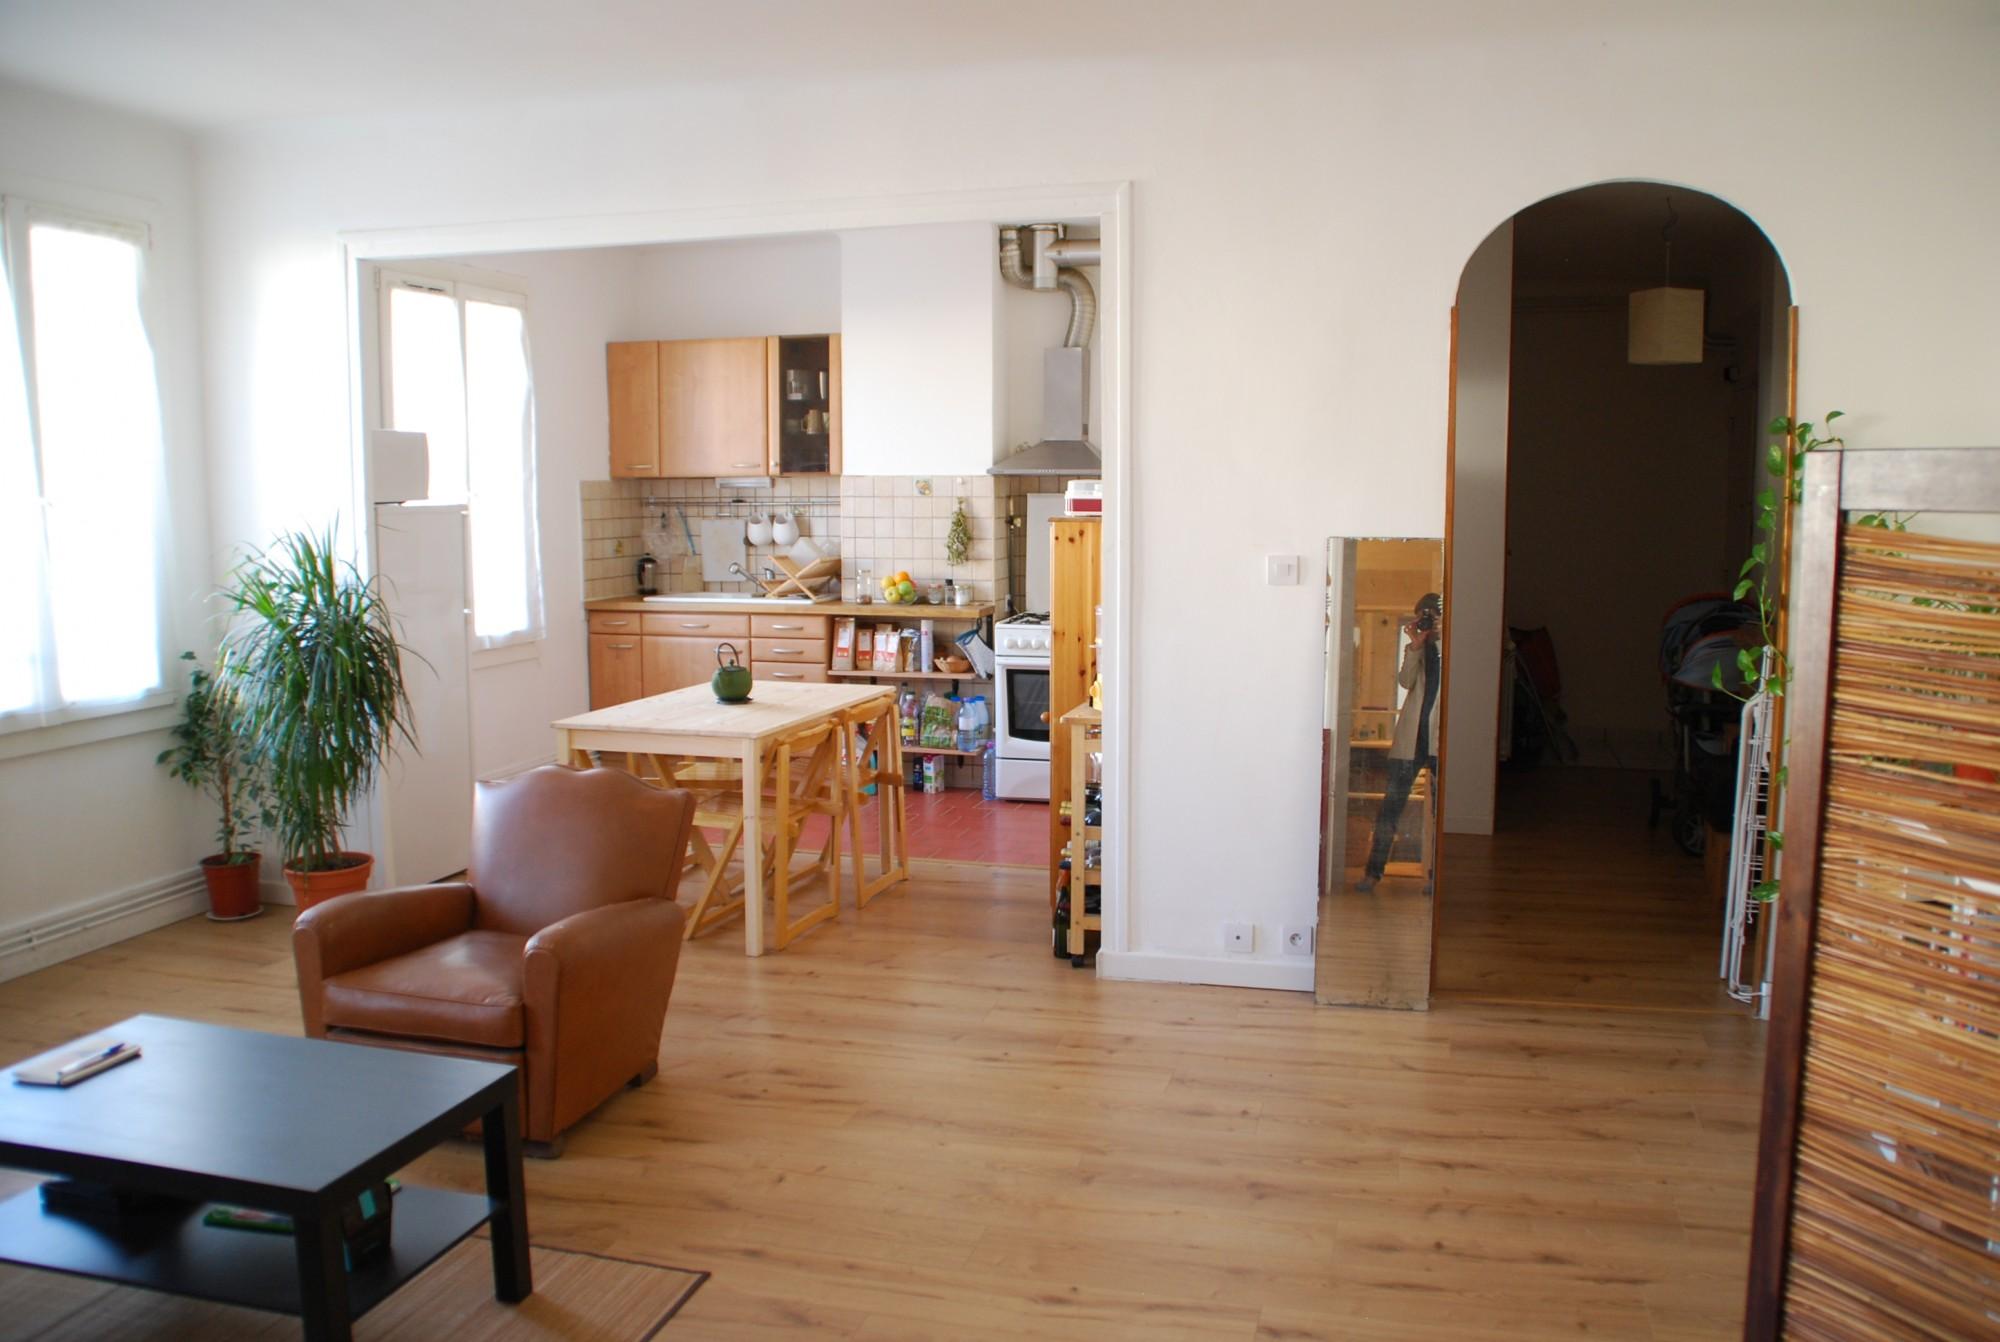 Location APPARTEMENT T2 - Marseille 13007, Rue Du Petit Chantier - Quartier  Saint Victor, Proximité Centre Ville Et Vieux Port - Meublé, Cuisine  équipée, ...